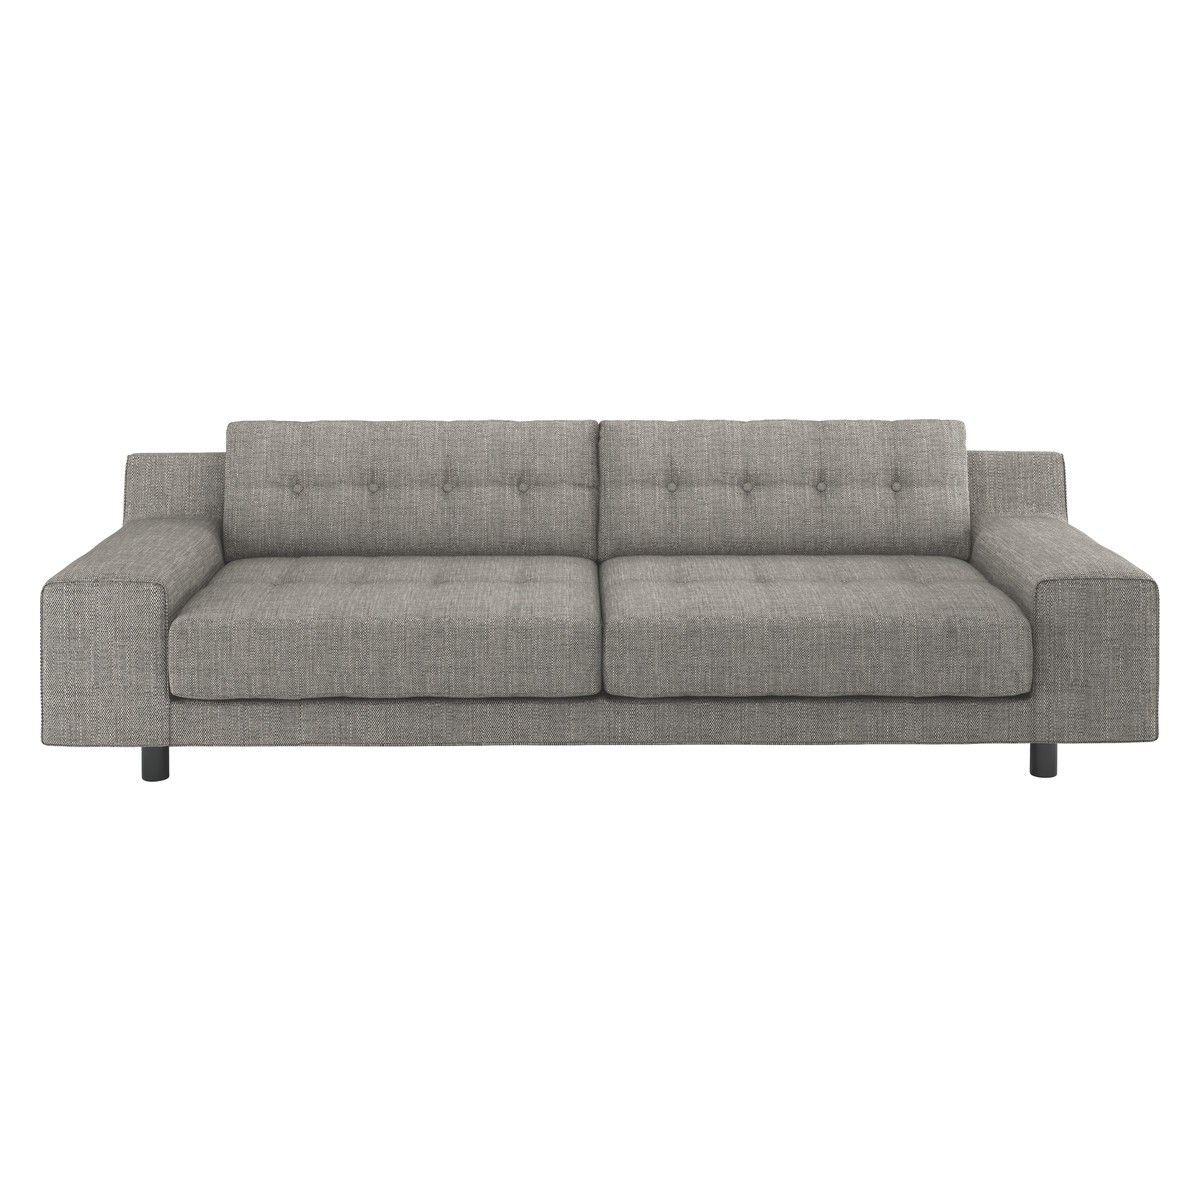 ashley manor harriet sofa in mink jogo de usado mercado livre 4 seater sofas fabric contemporary